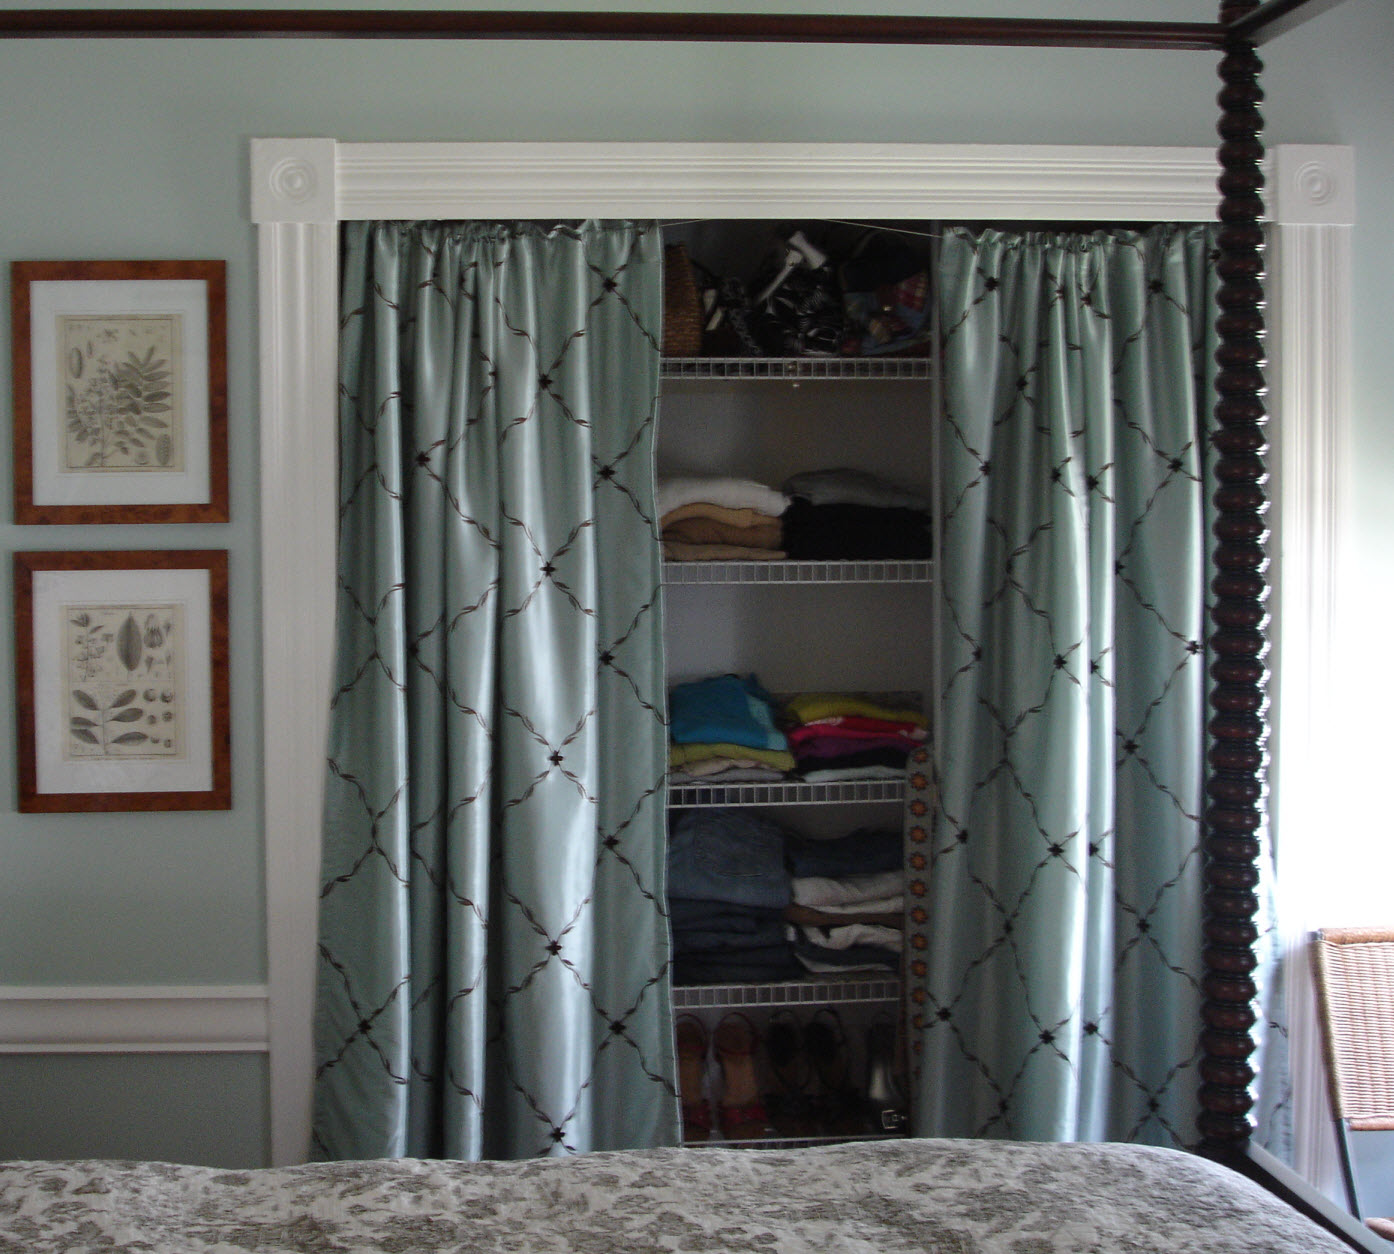 Fabric closet doors - B. B.